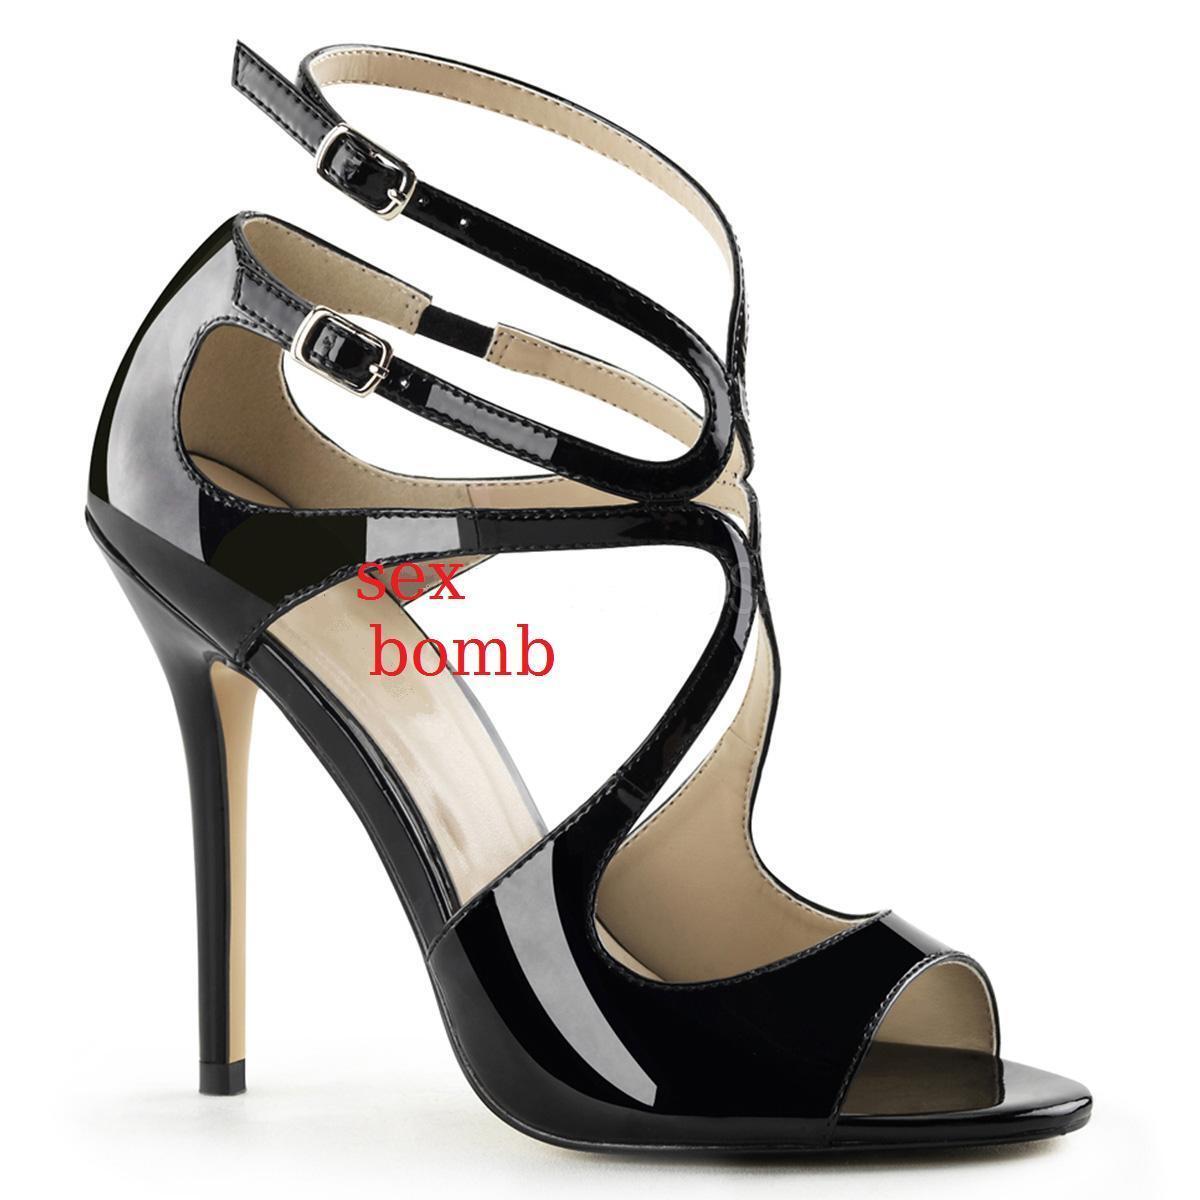 Sexy SANDALI tacco 13 NEOR LUCIDO dal 35 al 46 doppio cinturino scarpe GLAMOUR